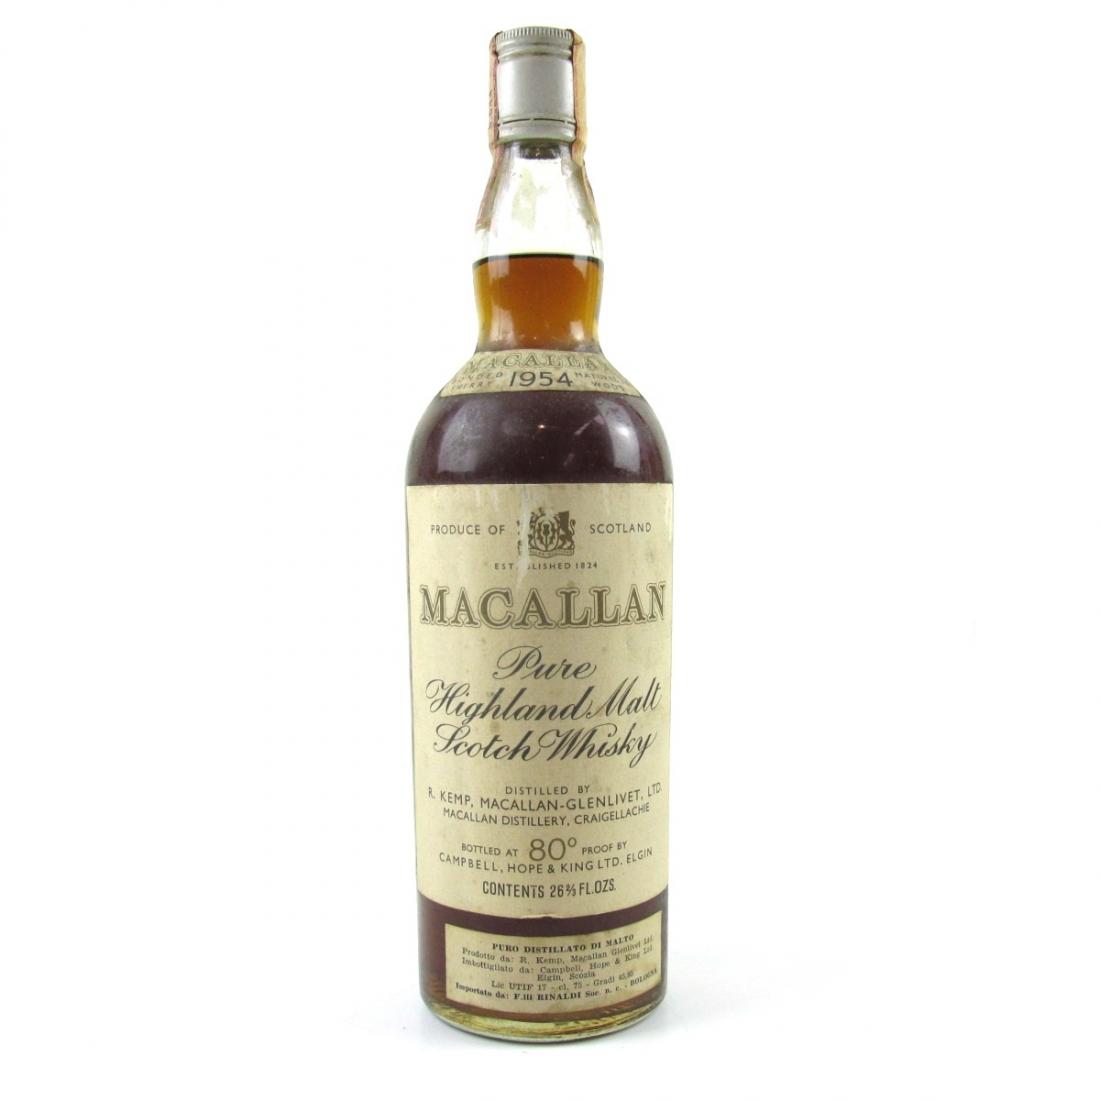 Macallan 1954